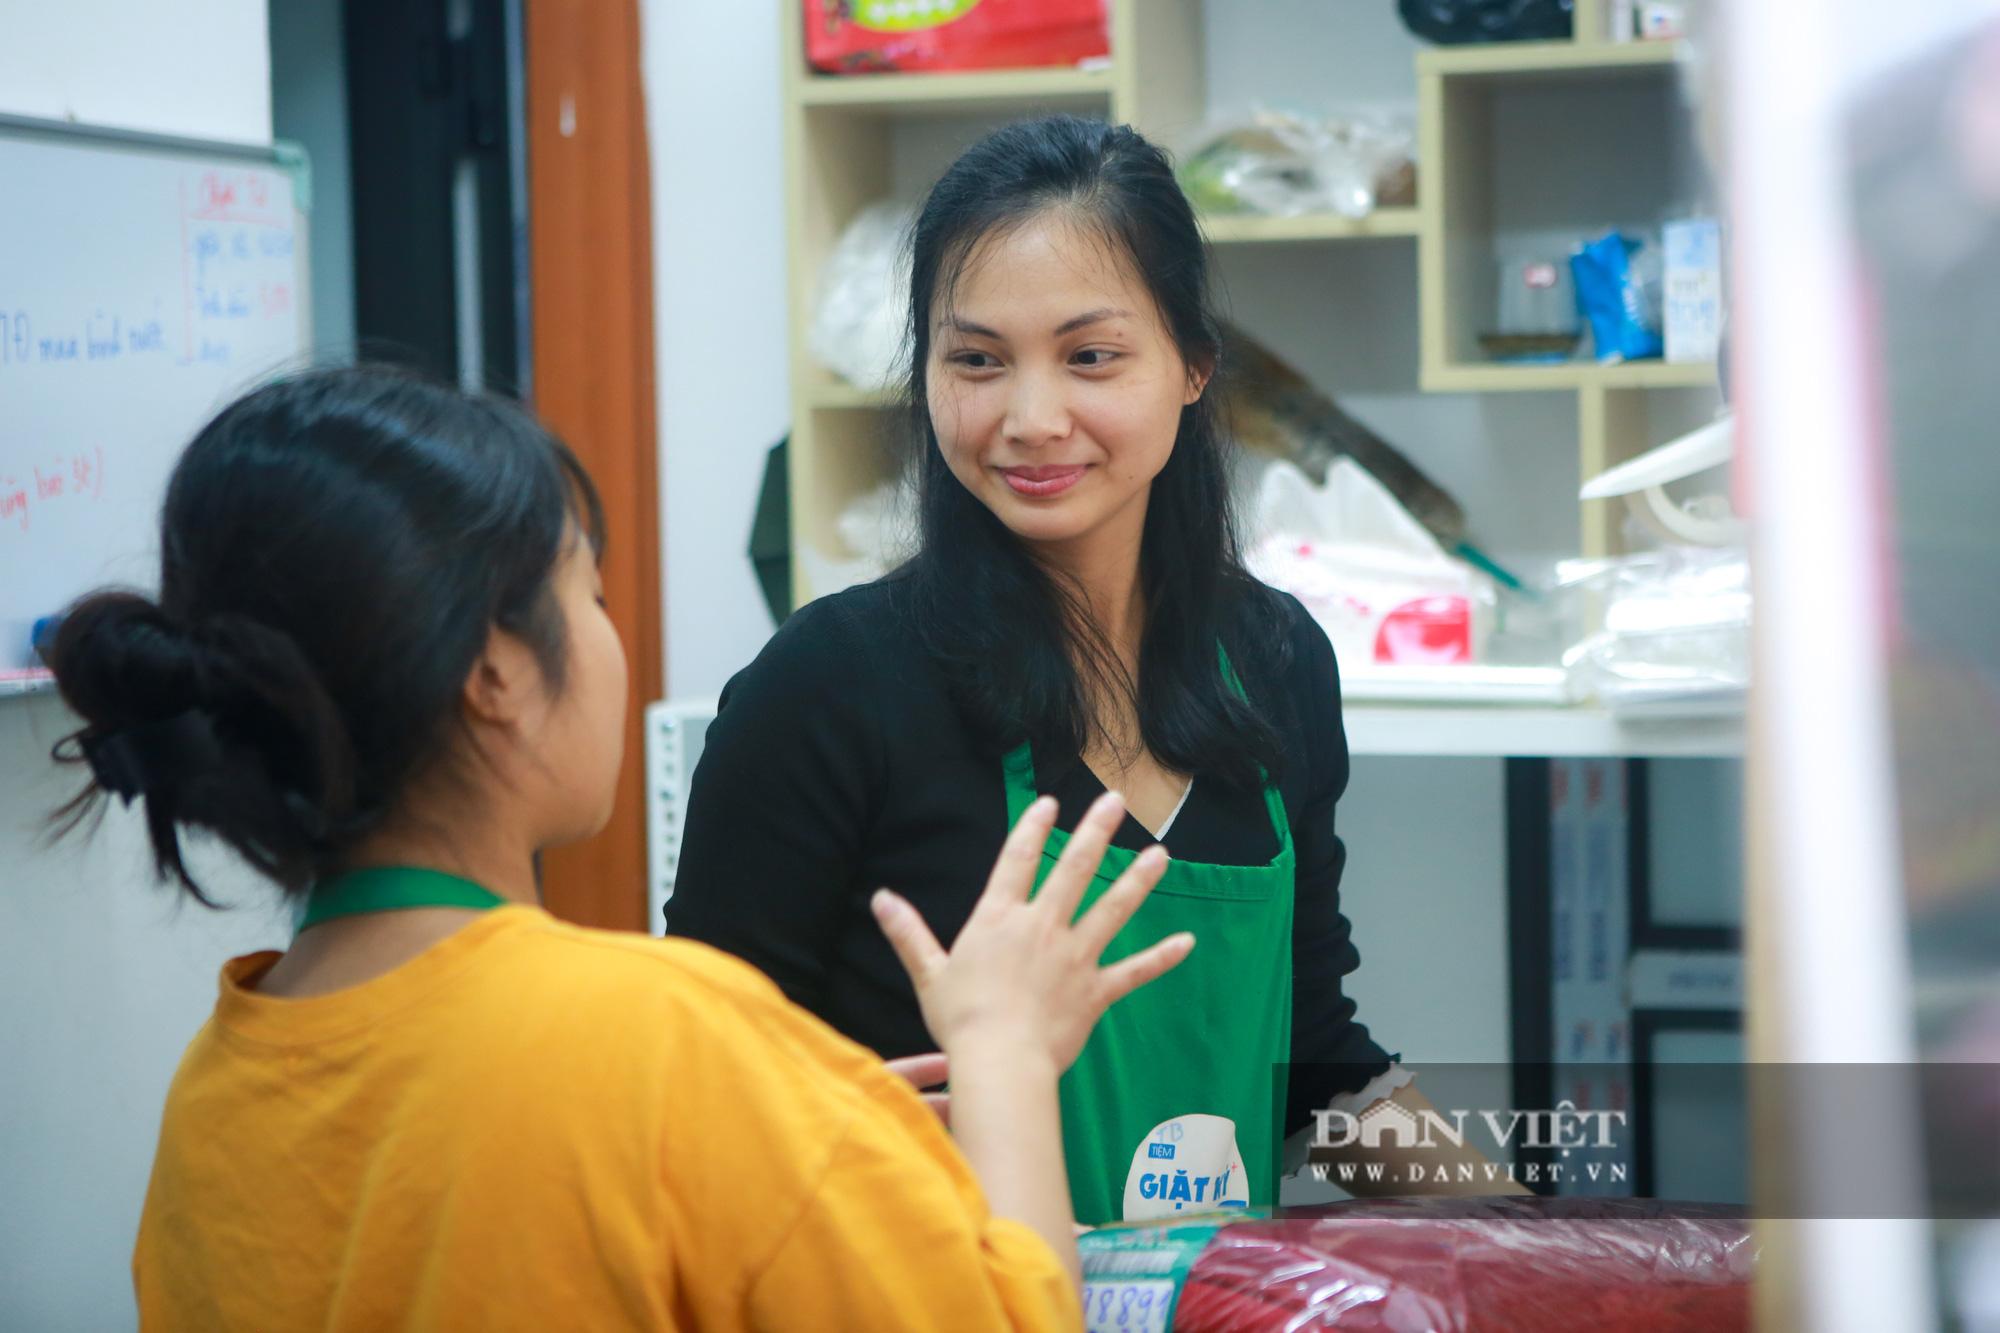 Tiệm giặt là không tiếng nói của những cô gái xinh đẹp tại Hà Nội - Ảnh 3.